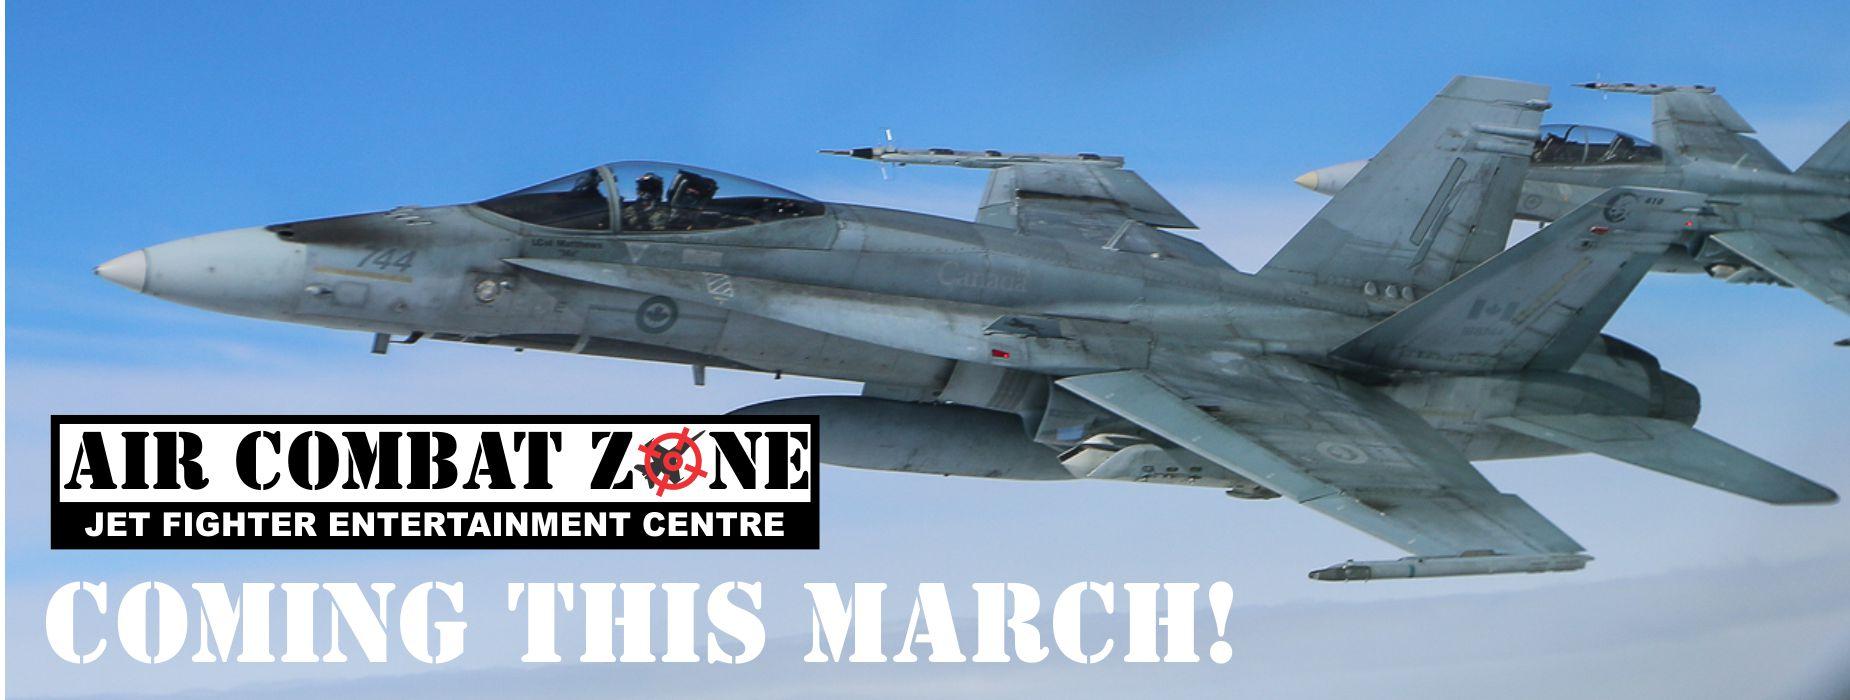 Air Combat Zone at Canadian Warplane Heritage Museum